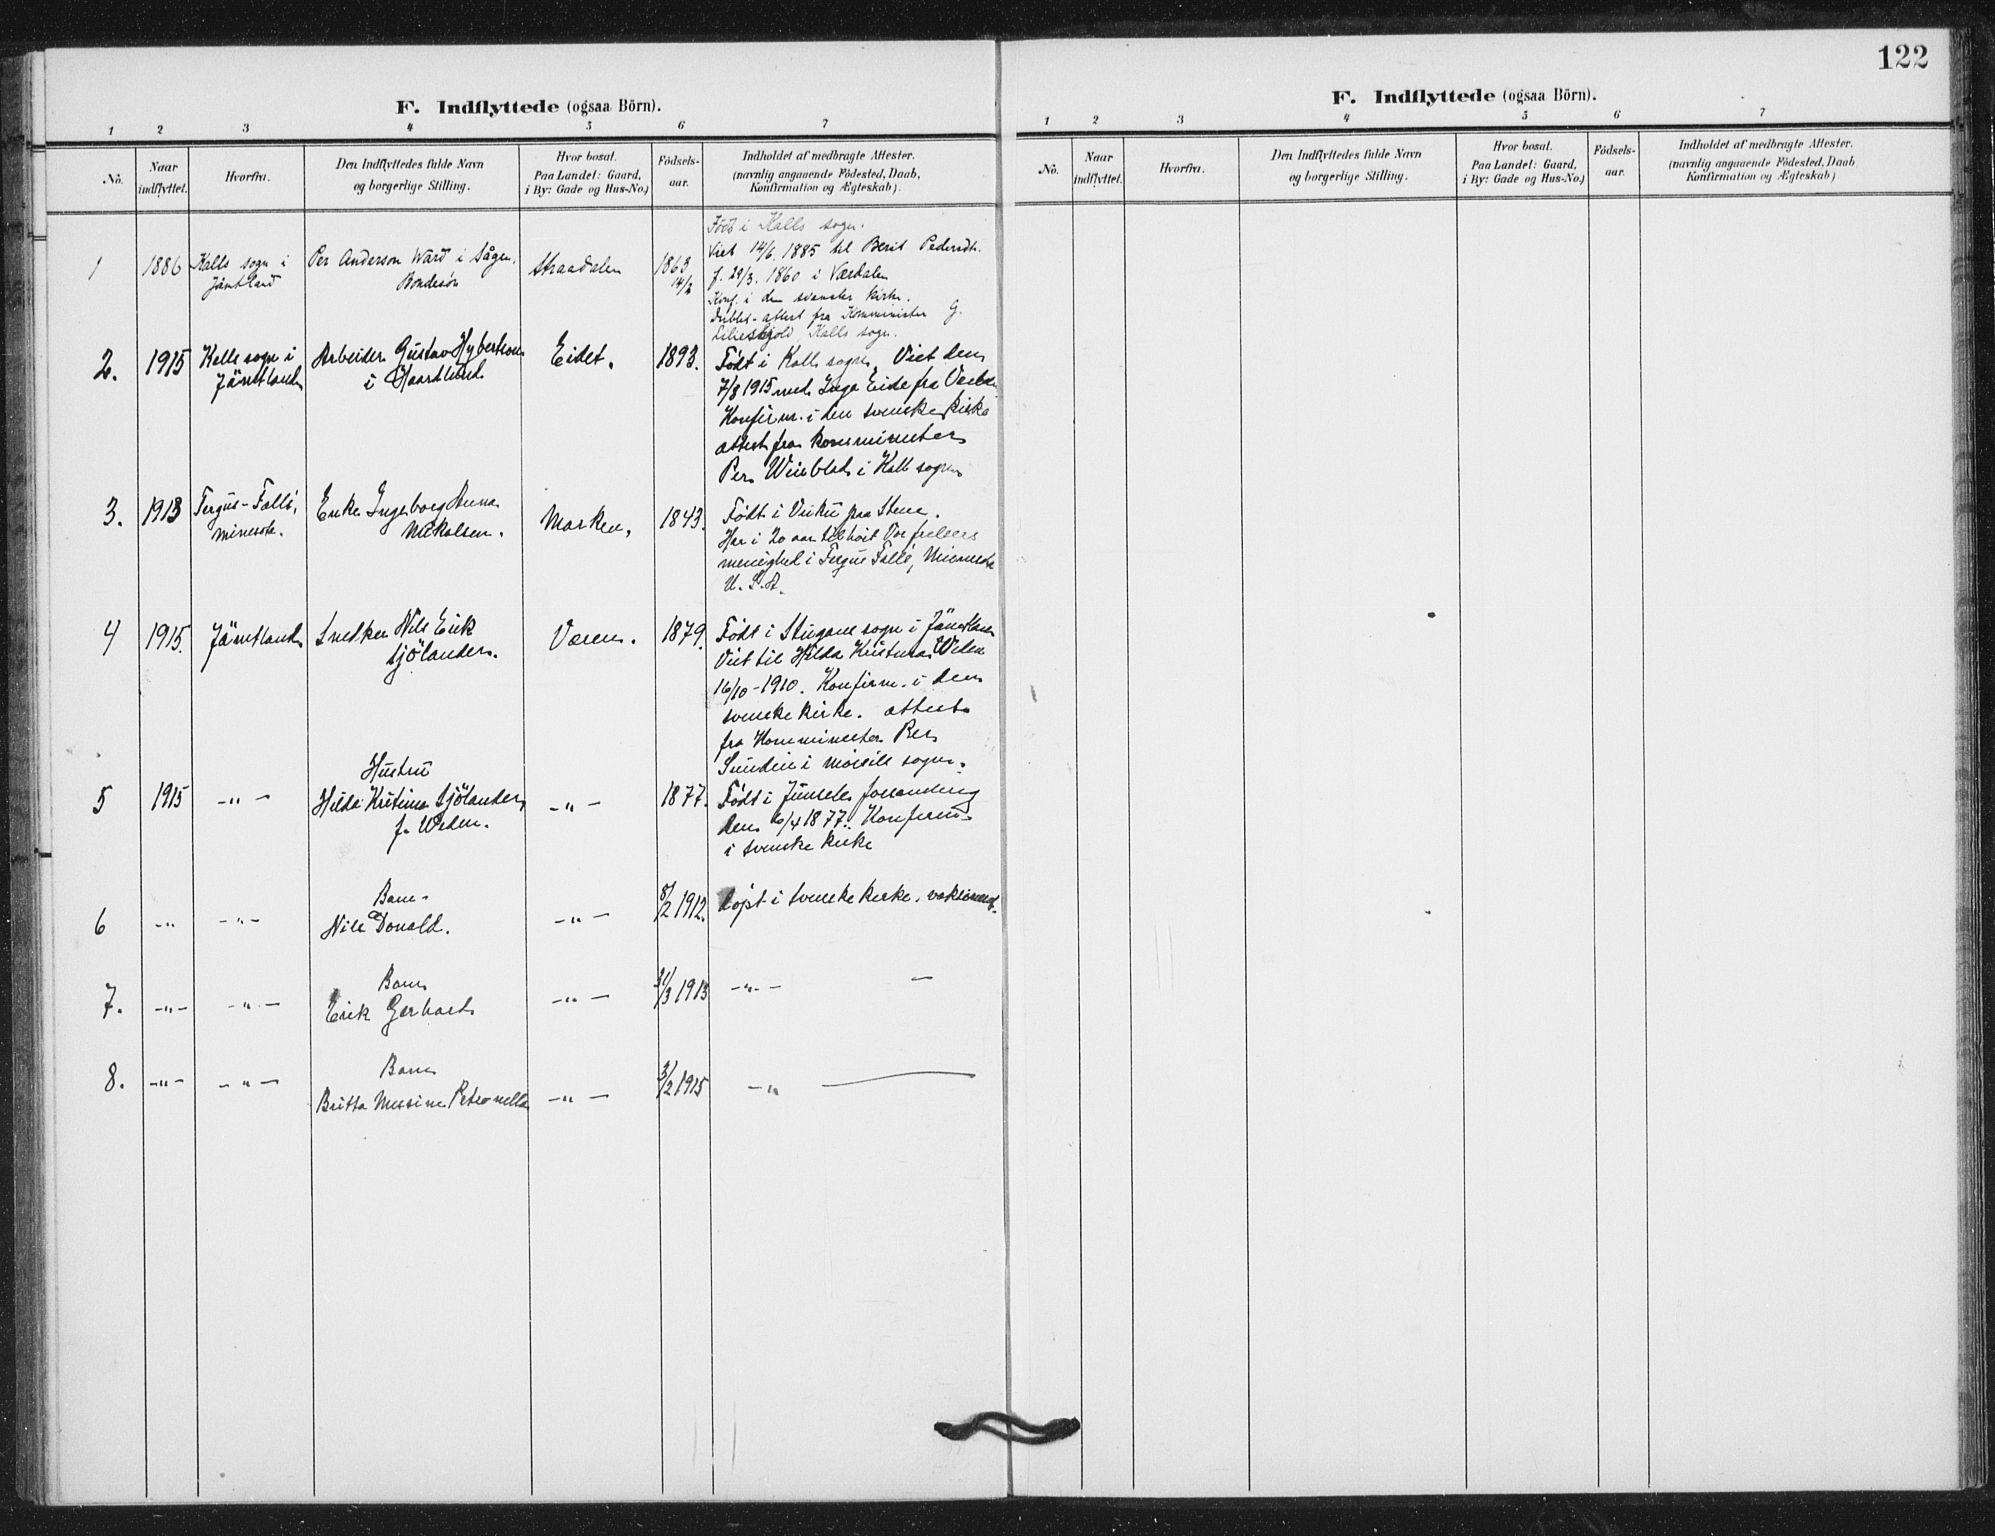 SAT, Ministerialprotokoller, klokkerbøker og fødselsregistre - Nord-Trøndelag, 724/L0264: Ministerialbok nr. 724A02, 1908-1915, s. 122